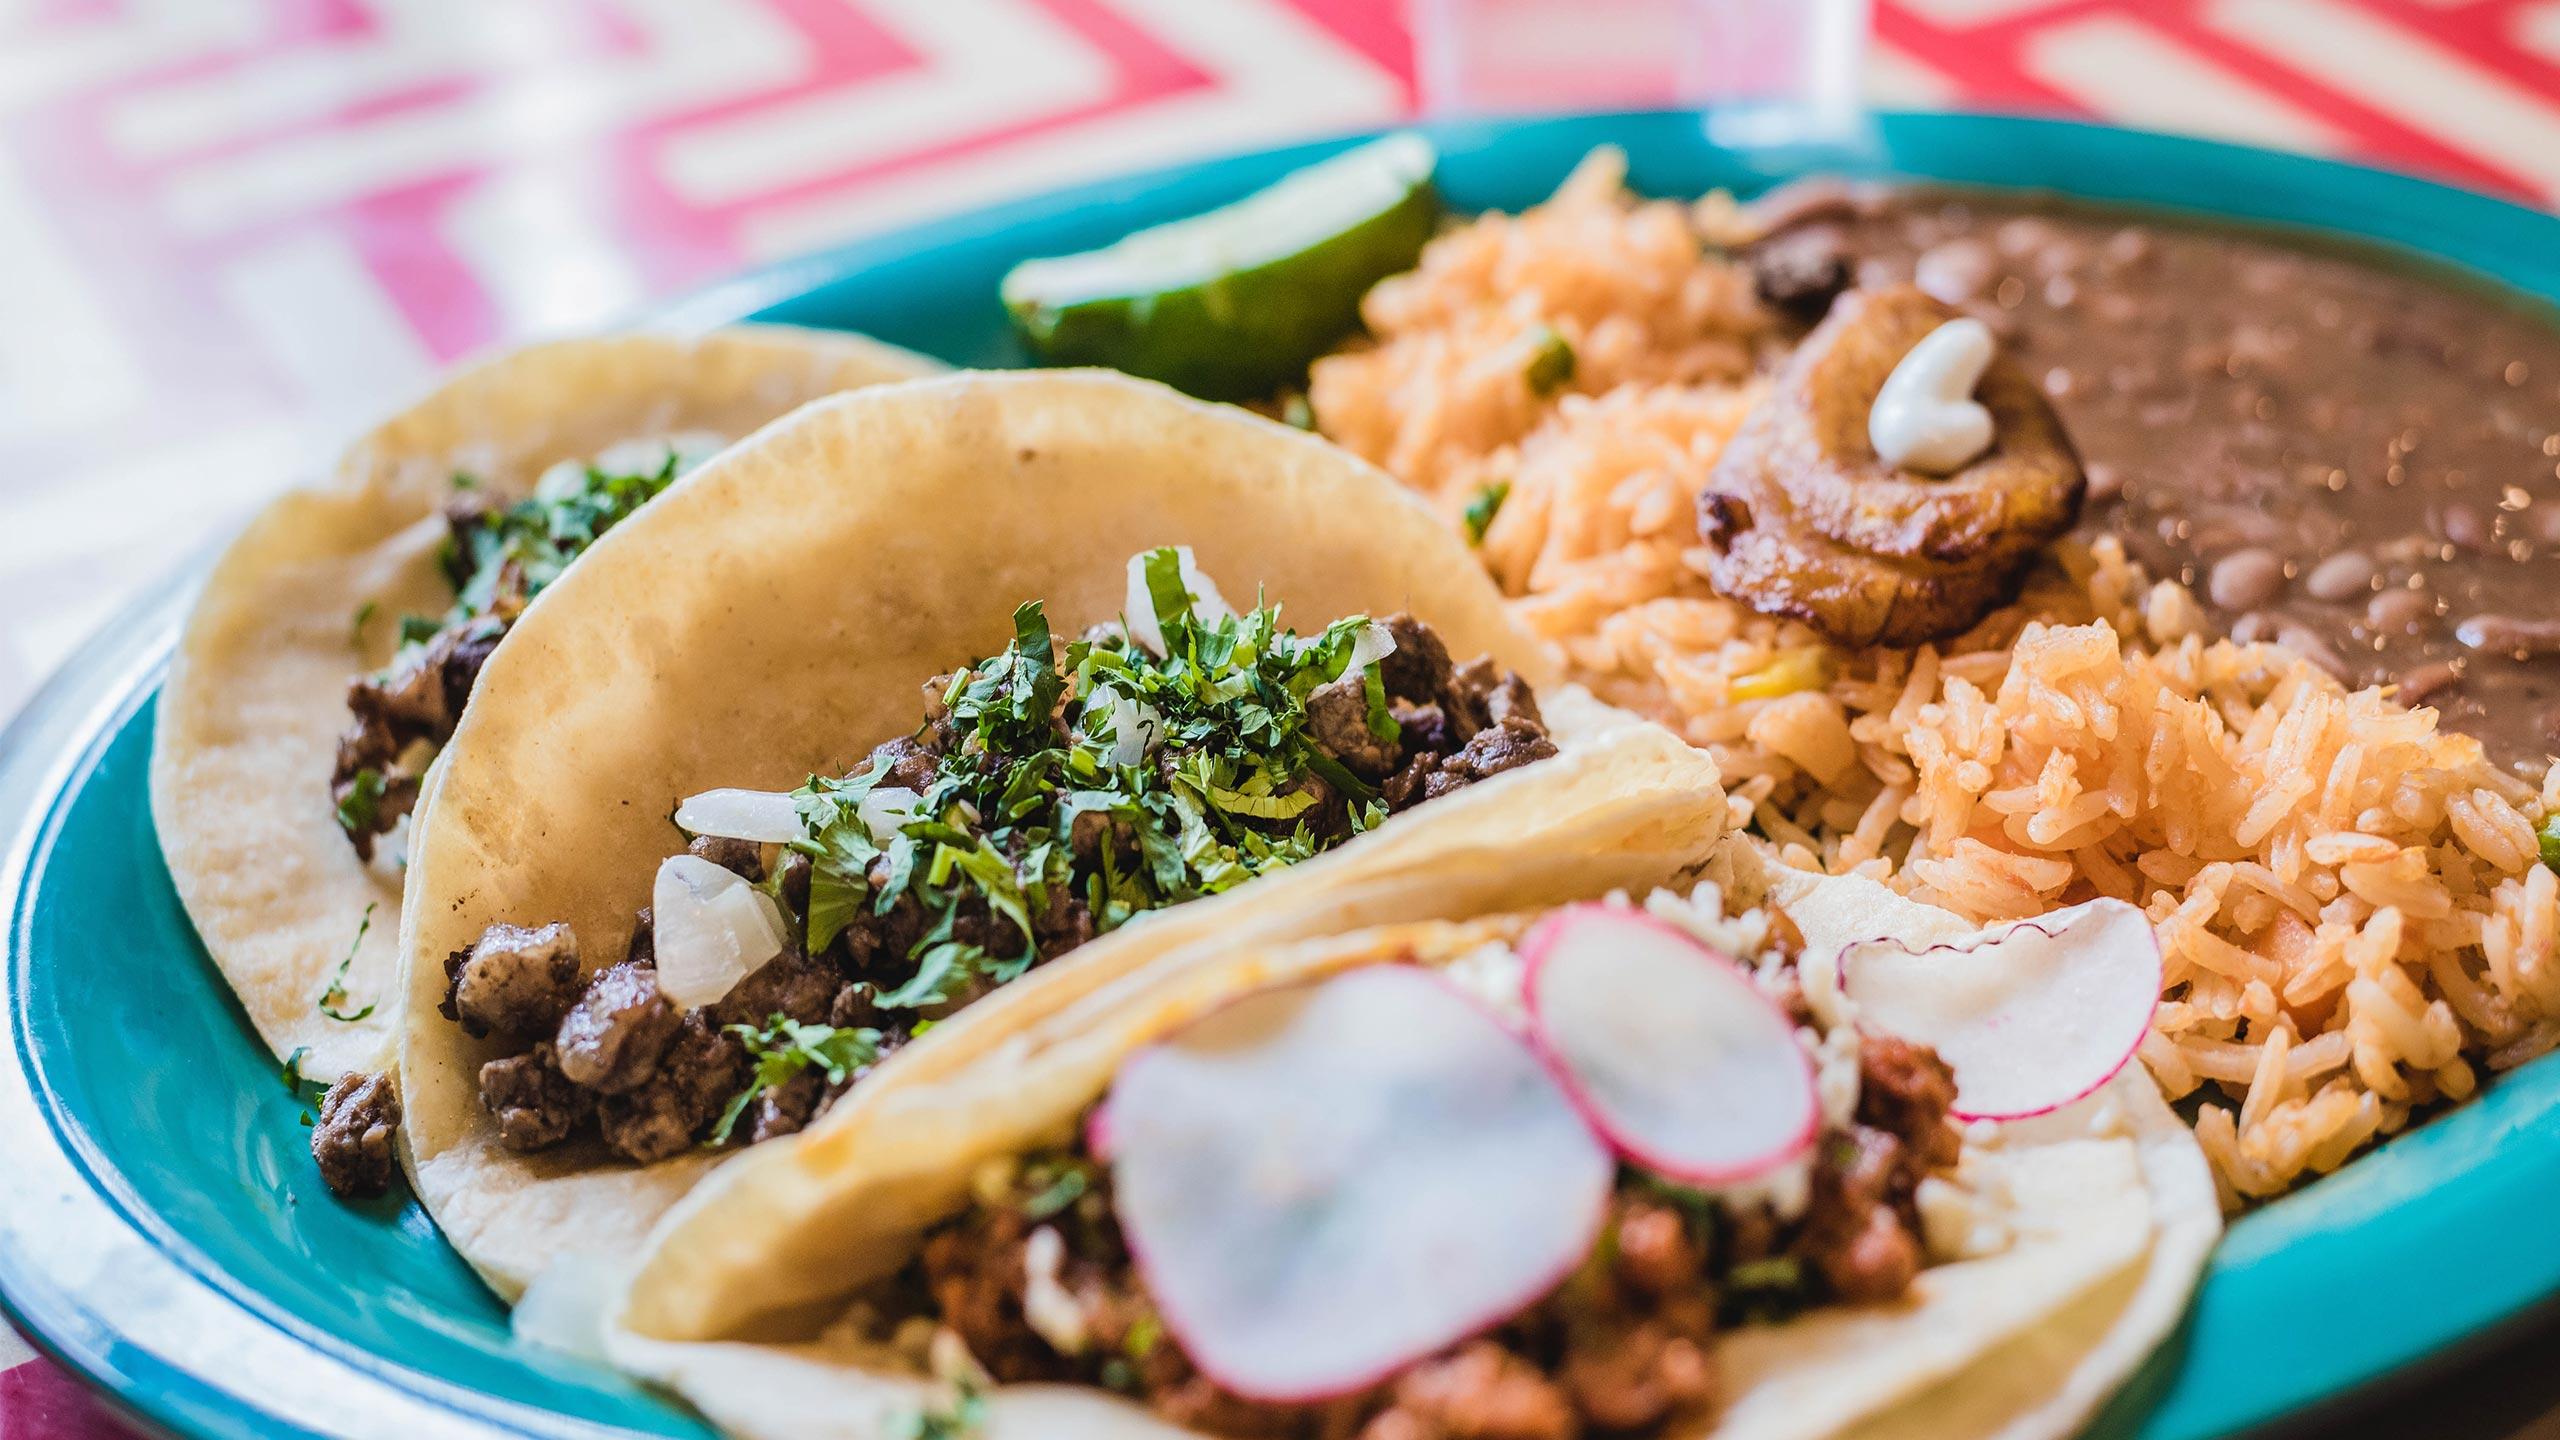 tacos, frijoles y arroz de de comida corrida